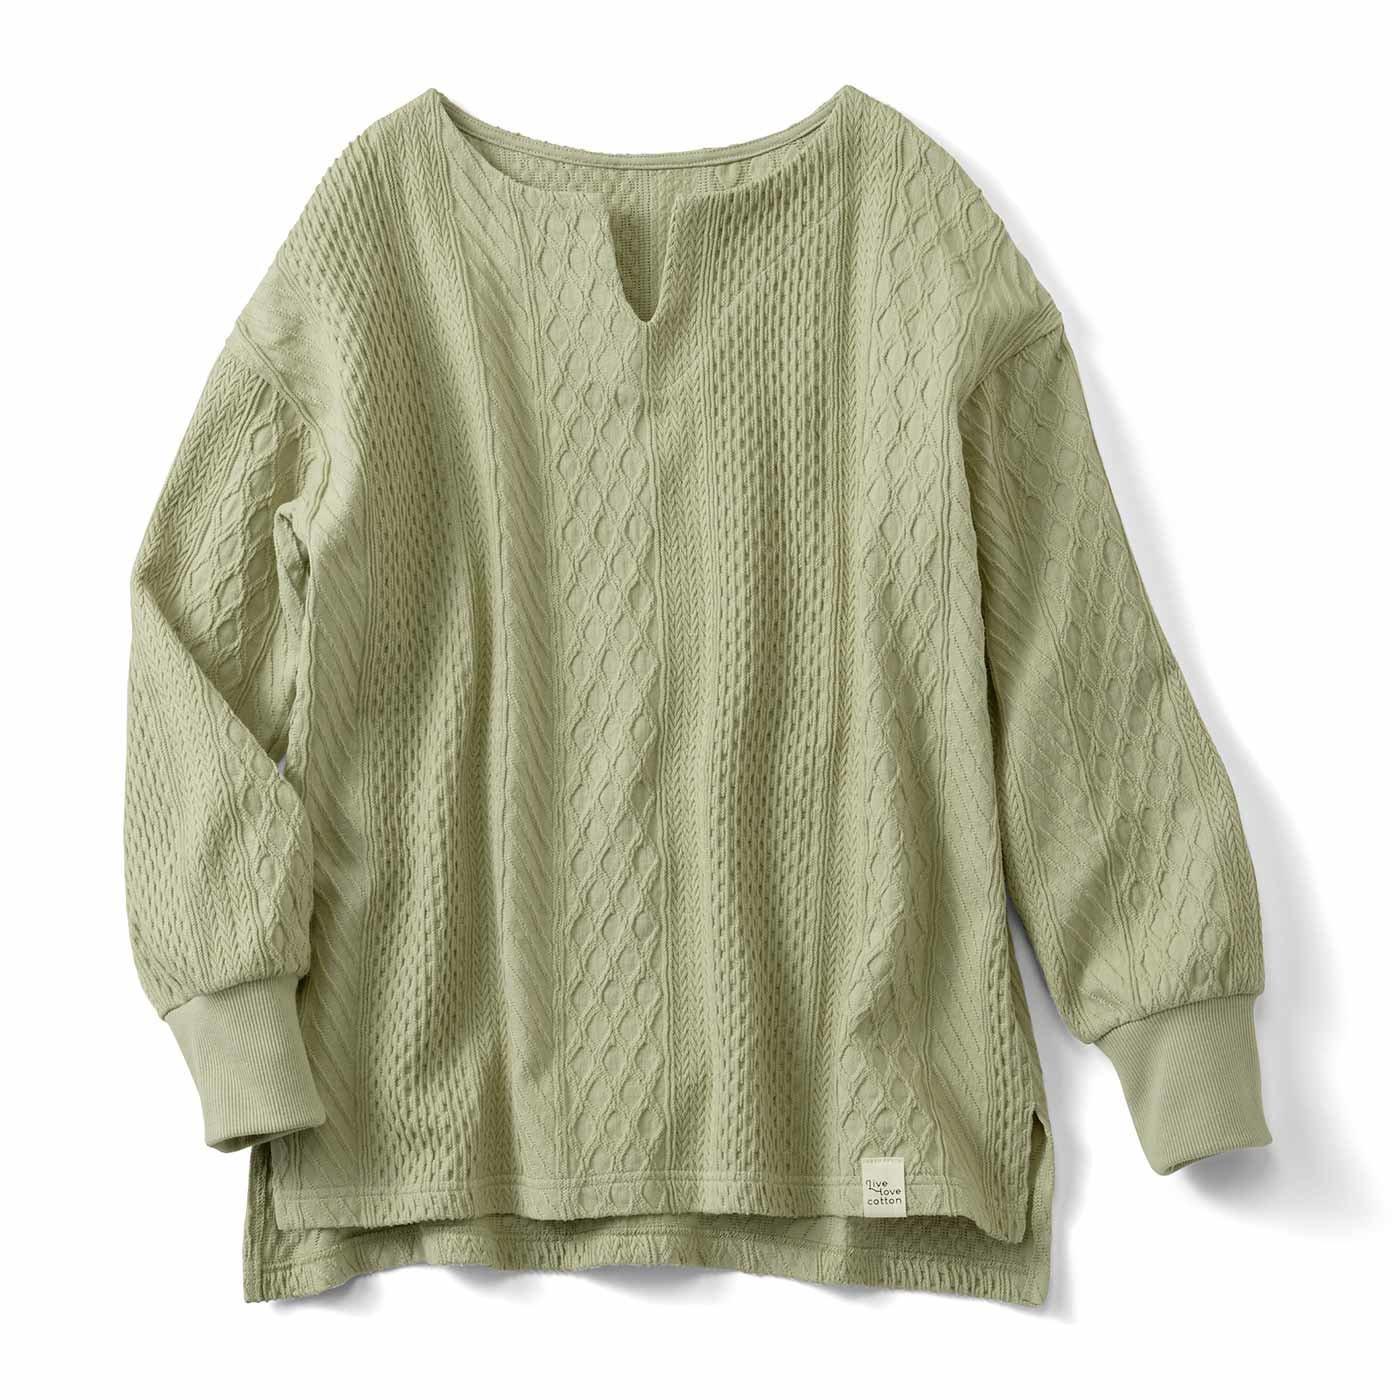 Live love cottonプロジェクト リブ イン コンフォート 編み柄が素敵な袖口リブオーガニックコットントップス〈ミント〉